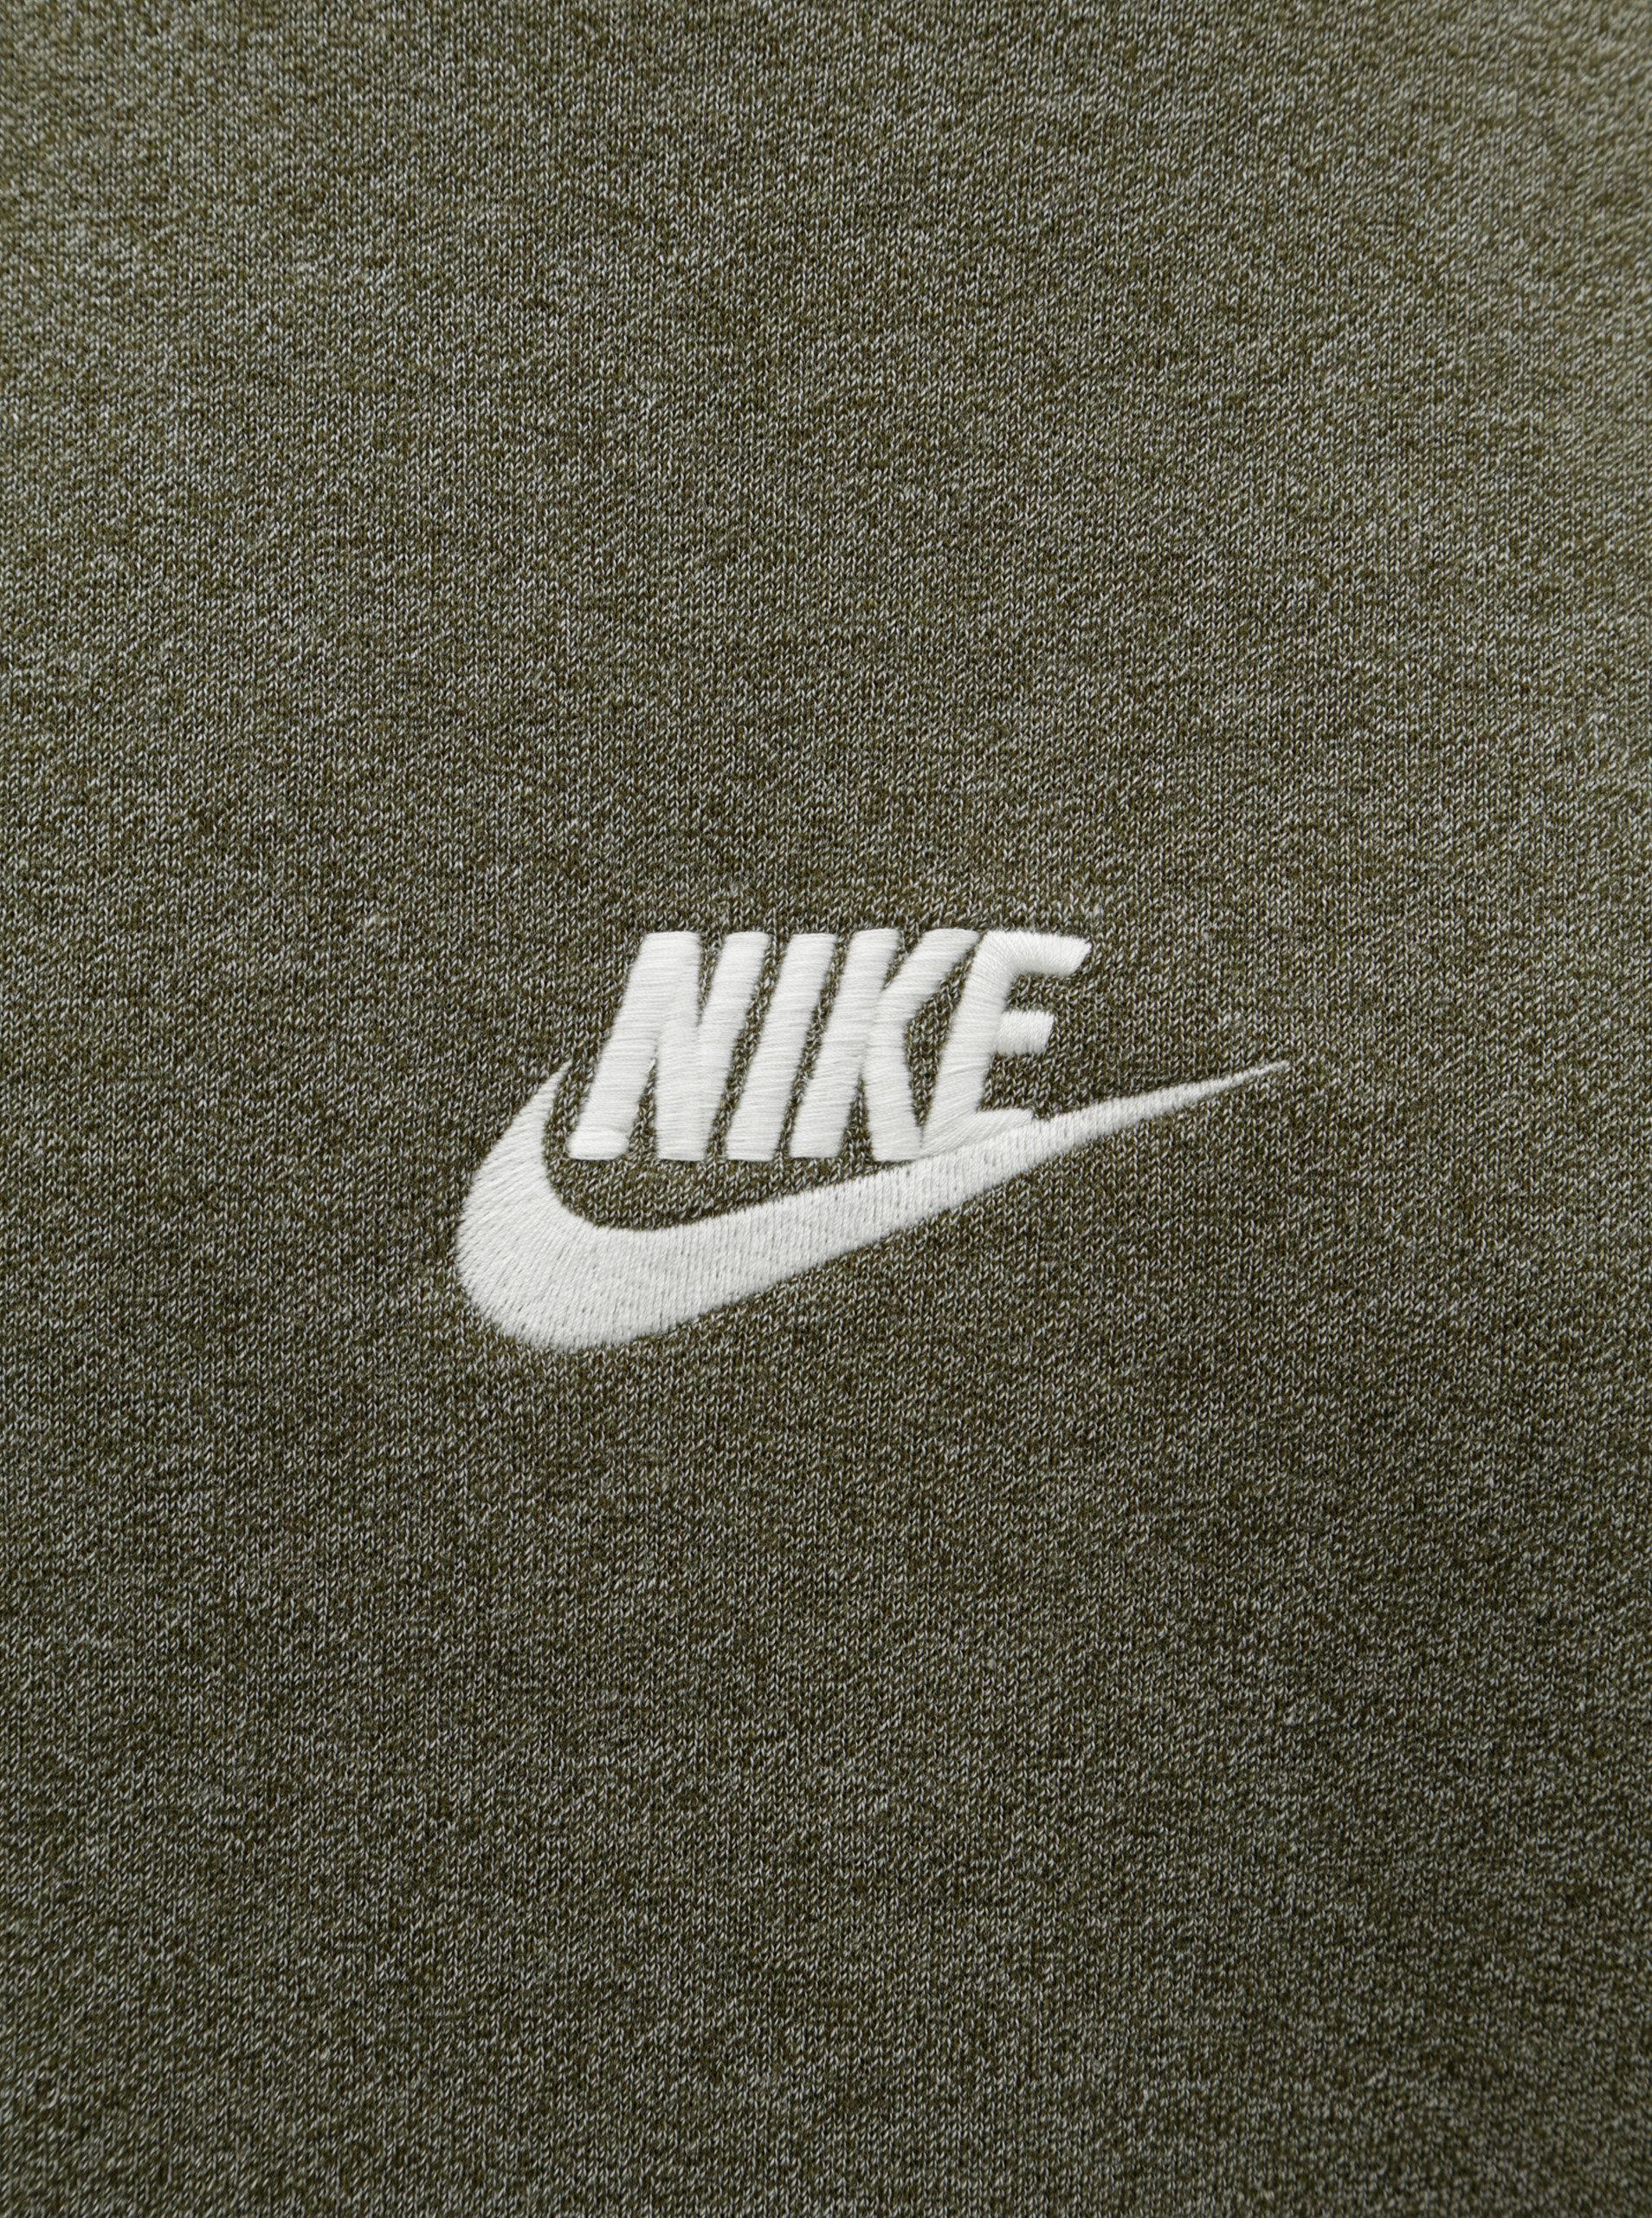 5e1840a3776b Kaki pánska melírovaná mikina s výšivkou loga Nike Heritage ...